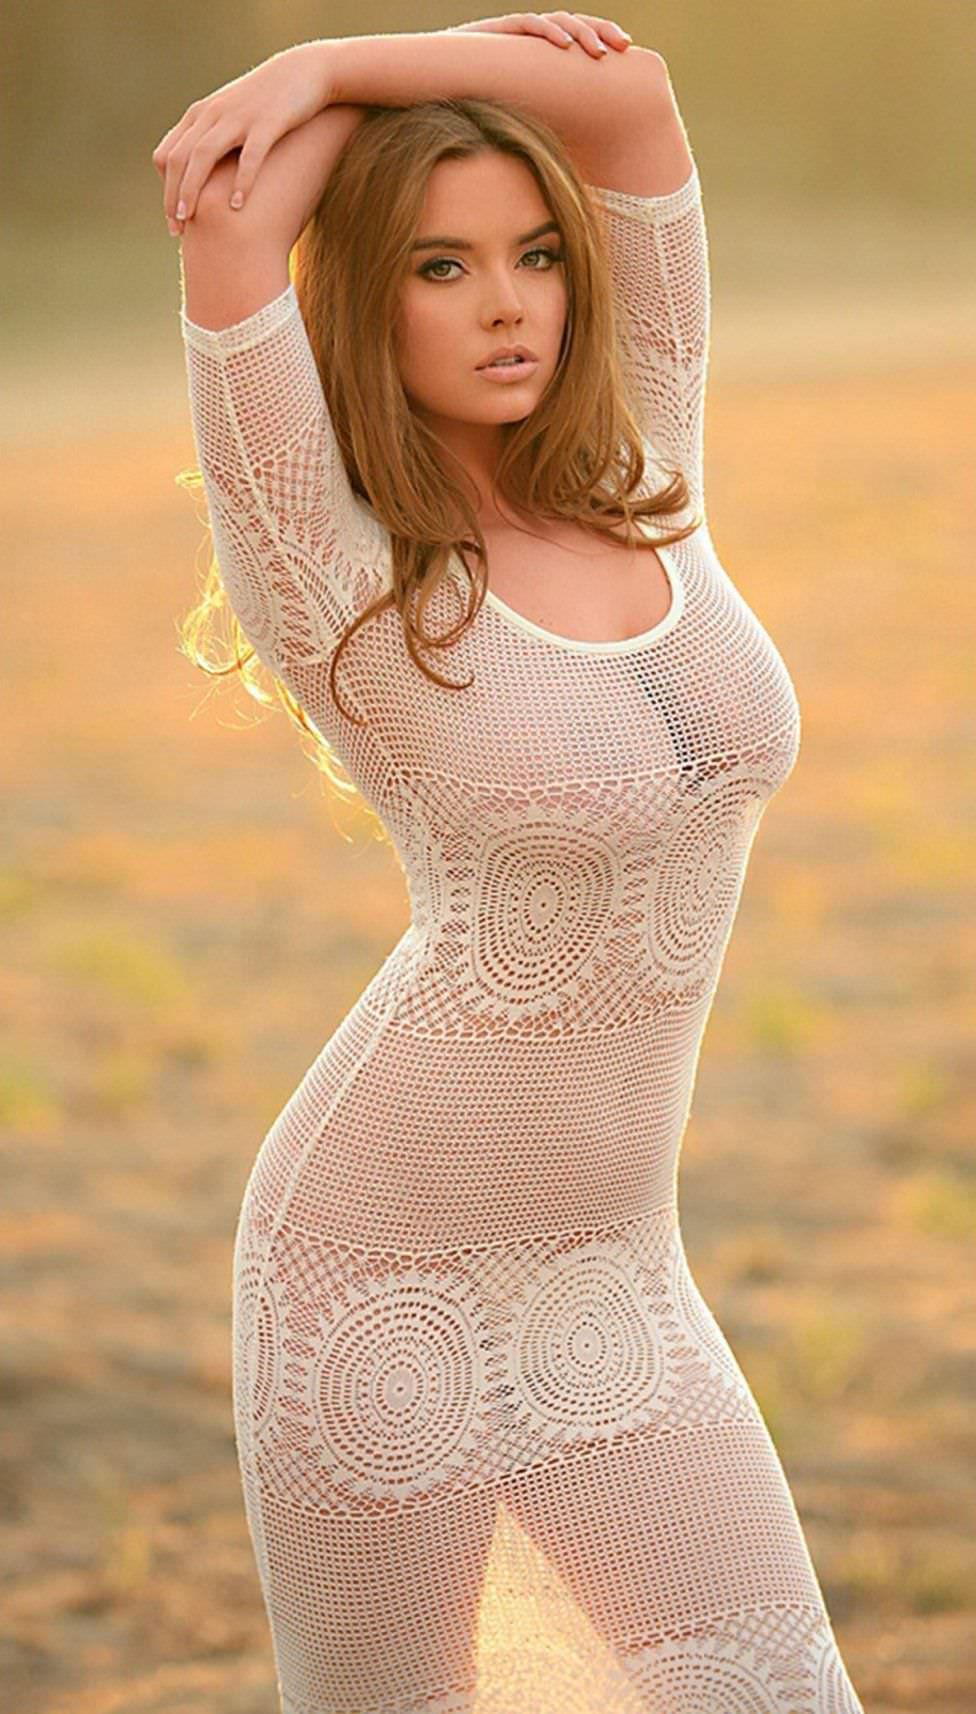 Эротические фотографии девушек в прозрачной одежде, ебля раком толстых задниц